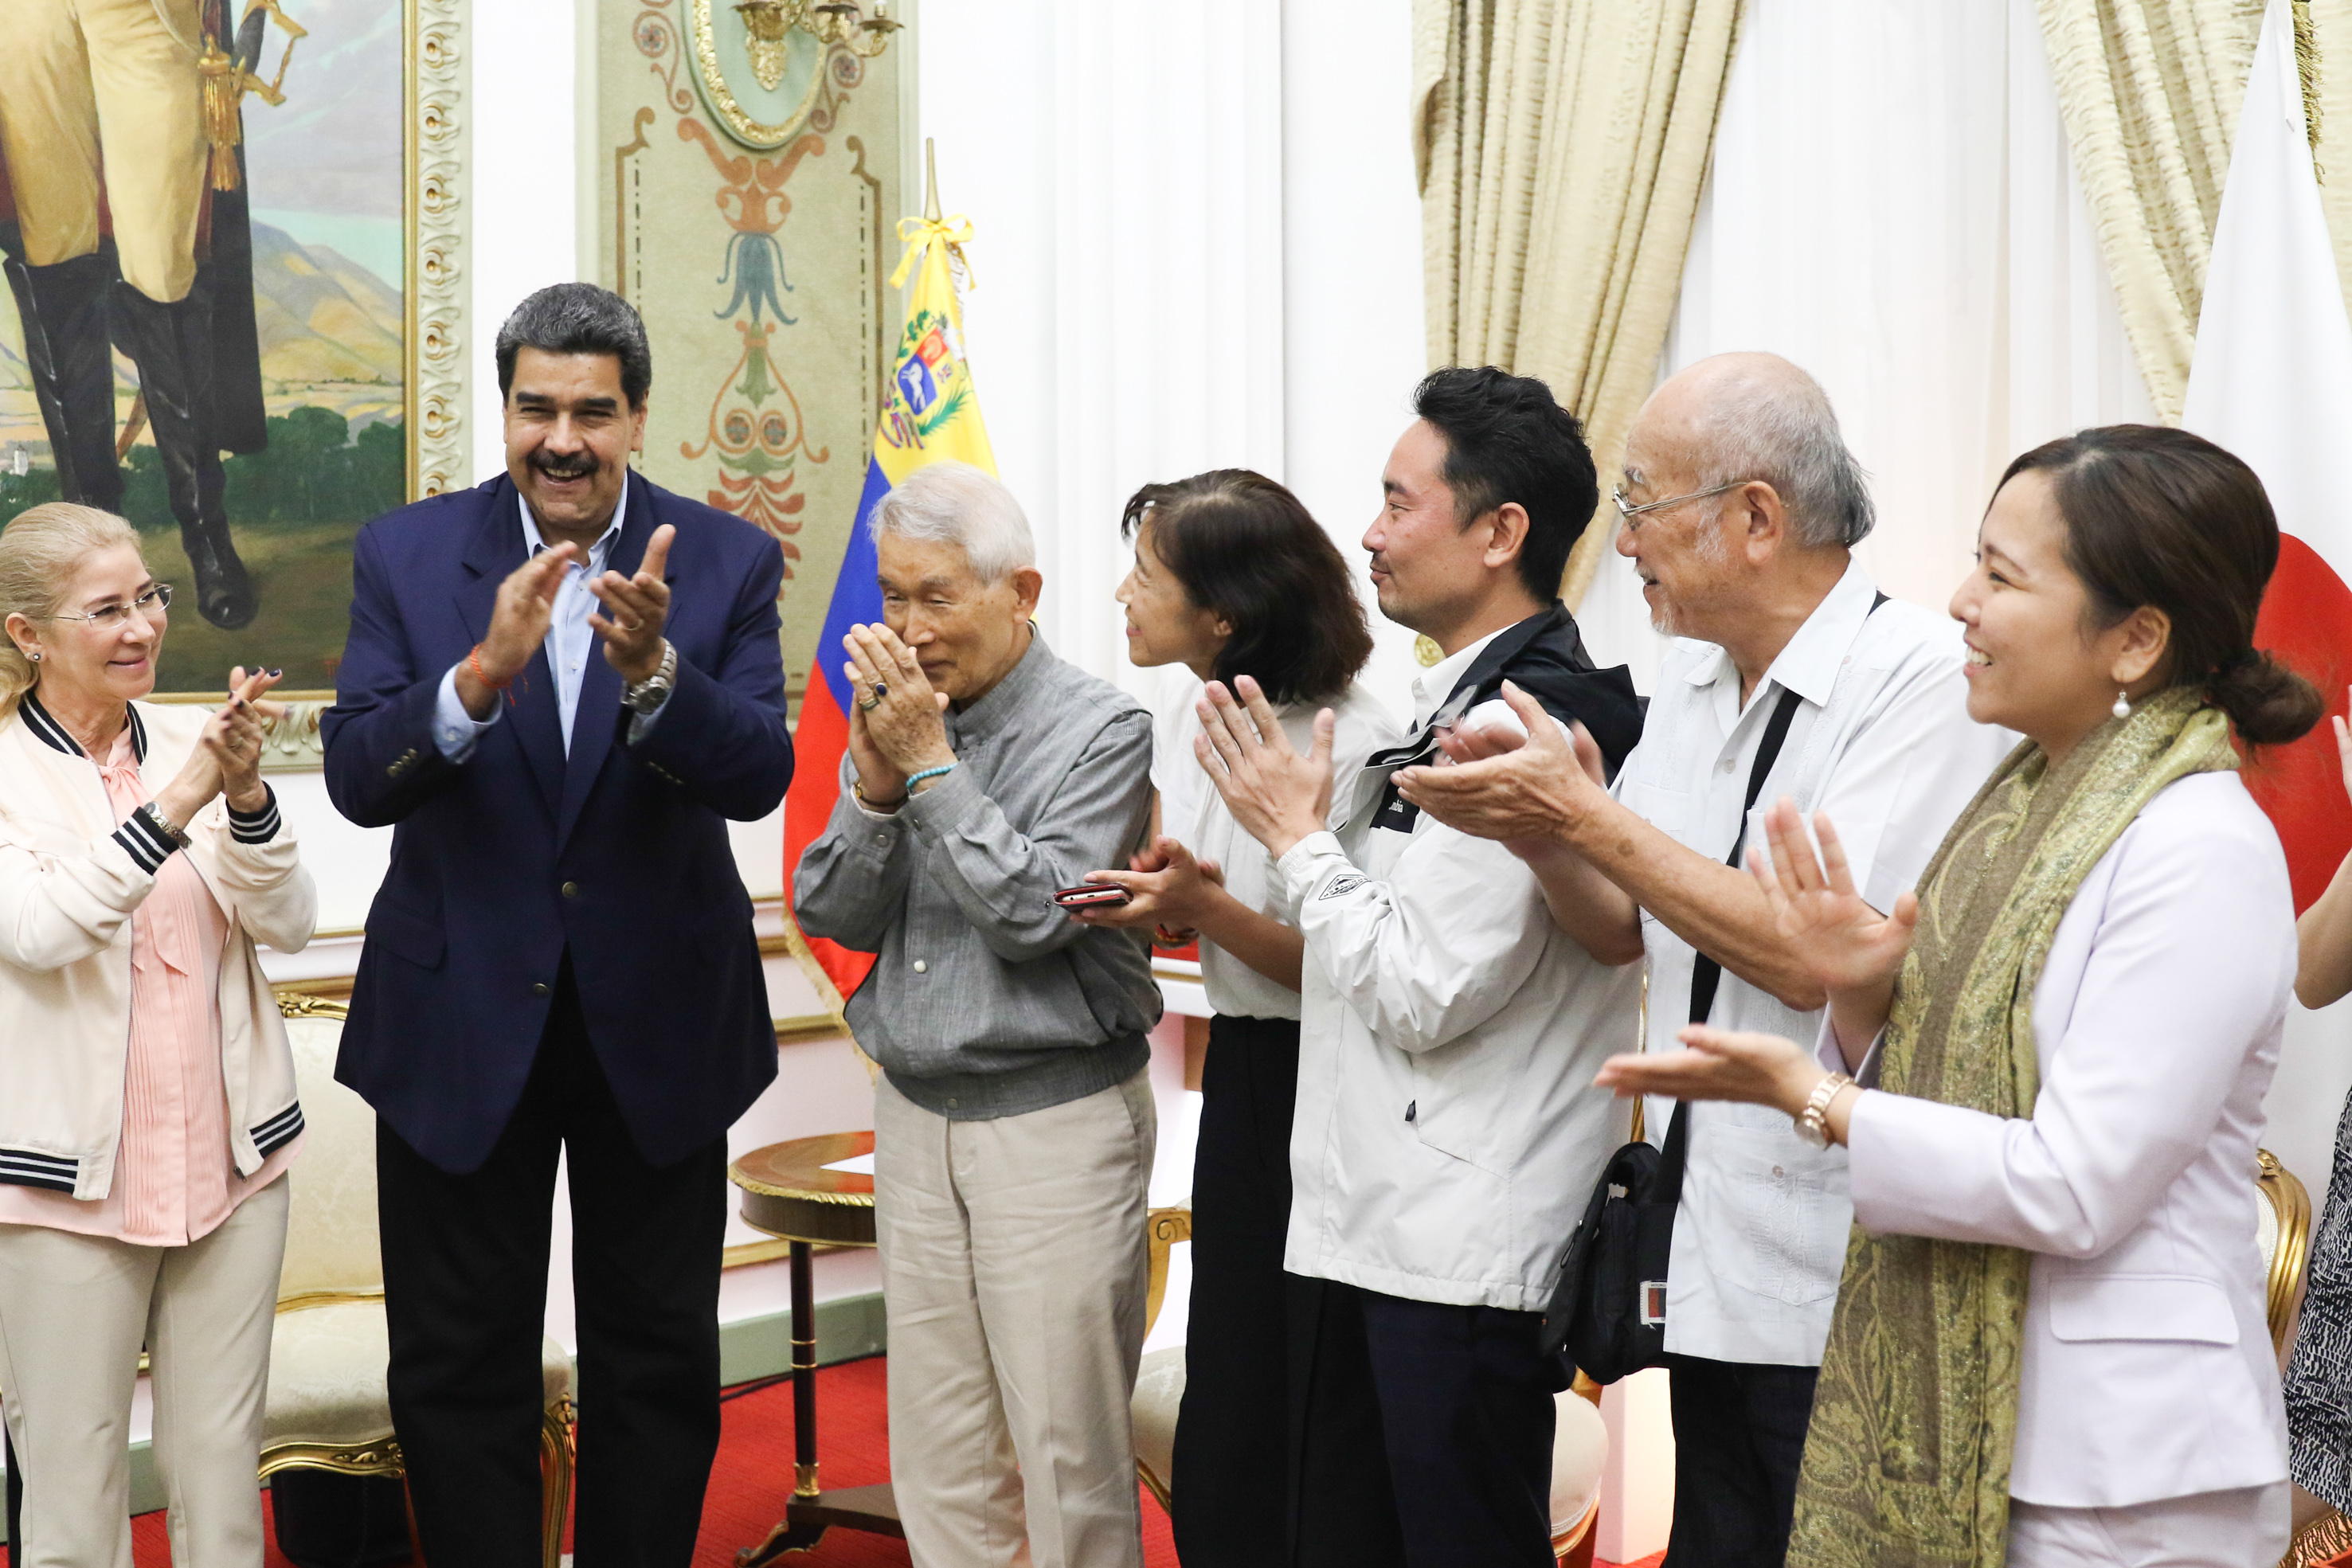 Presidente Nicolás Maduro se reúne con activistas del Barco de la Paz